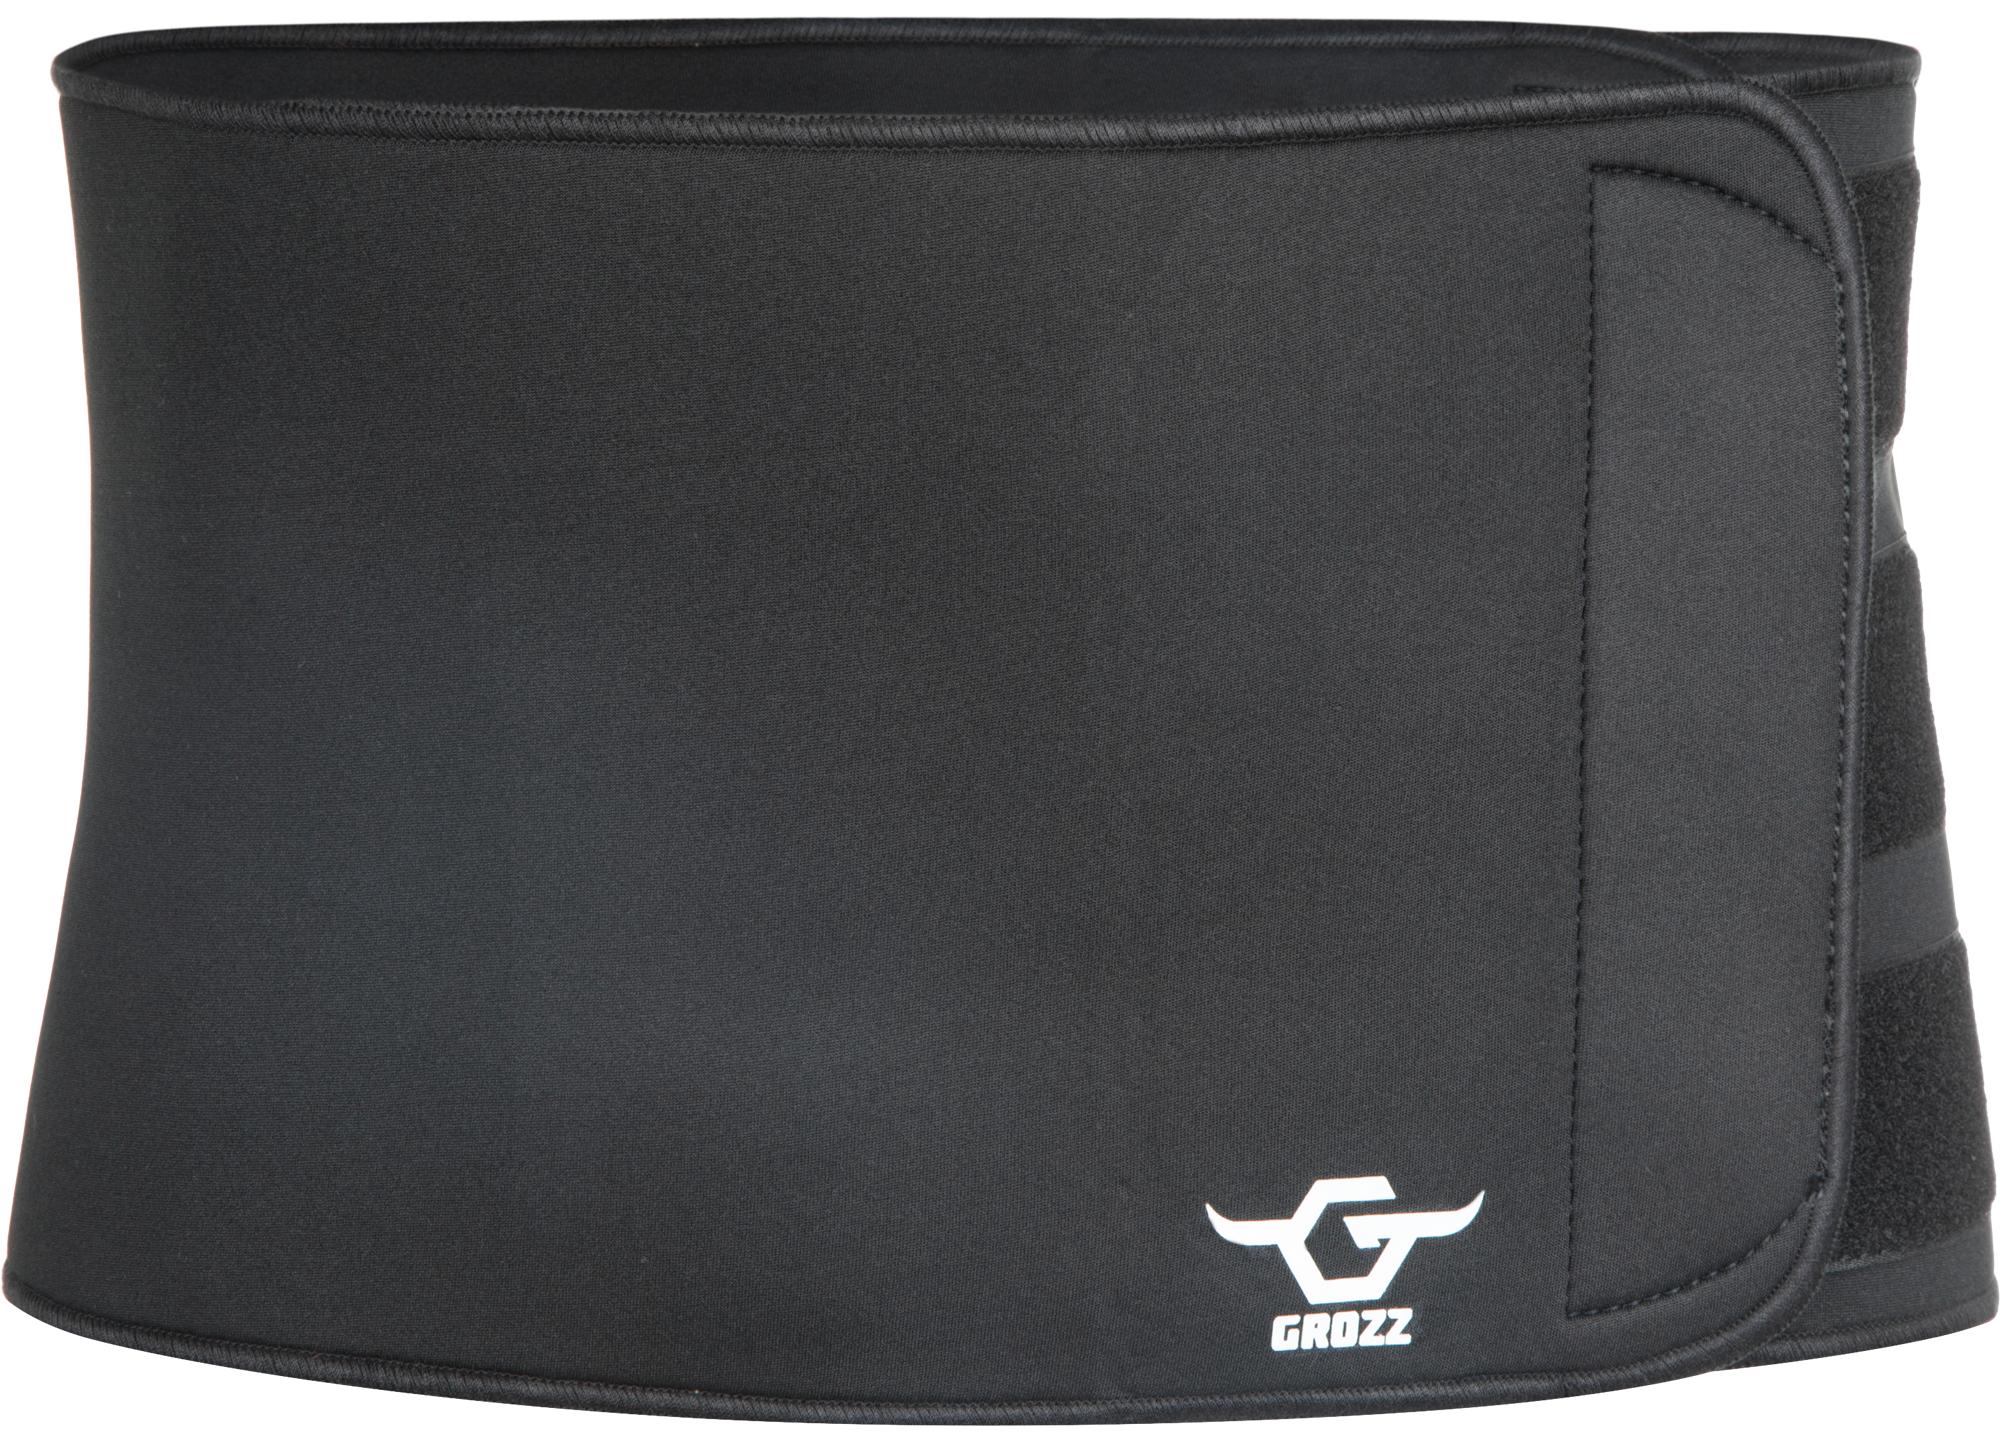 цена Grozz Суппорт спины Grozz в интернет-магазинах